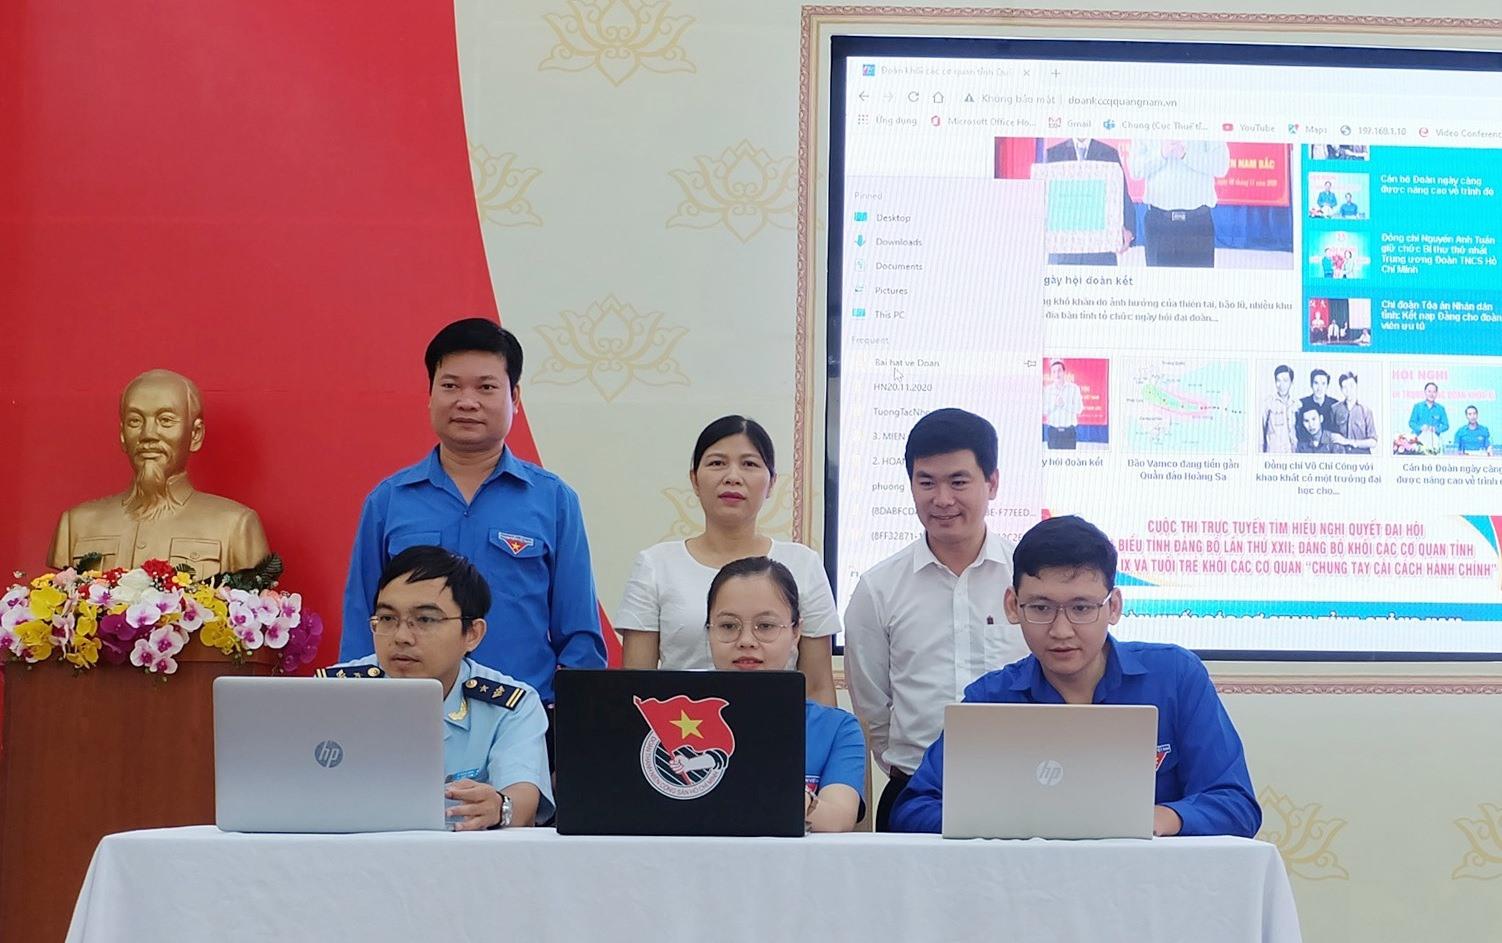 Phát động cuộc thi trực tuyến tìm hiểu Nghị quyết Đại hội Đảng và tuổi trẻ khối các cơ quan chung tay cải cách hành chính. Ảnh: M.L